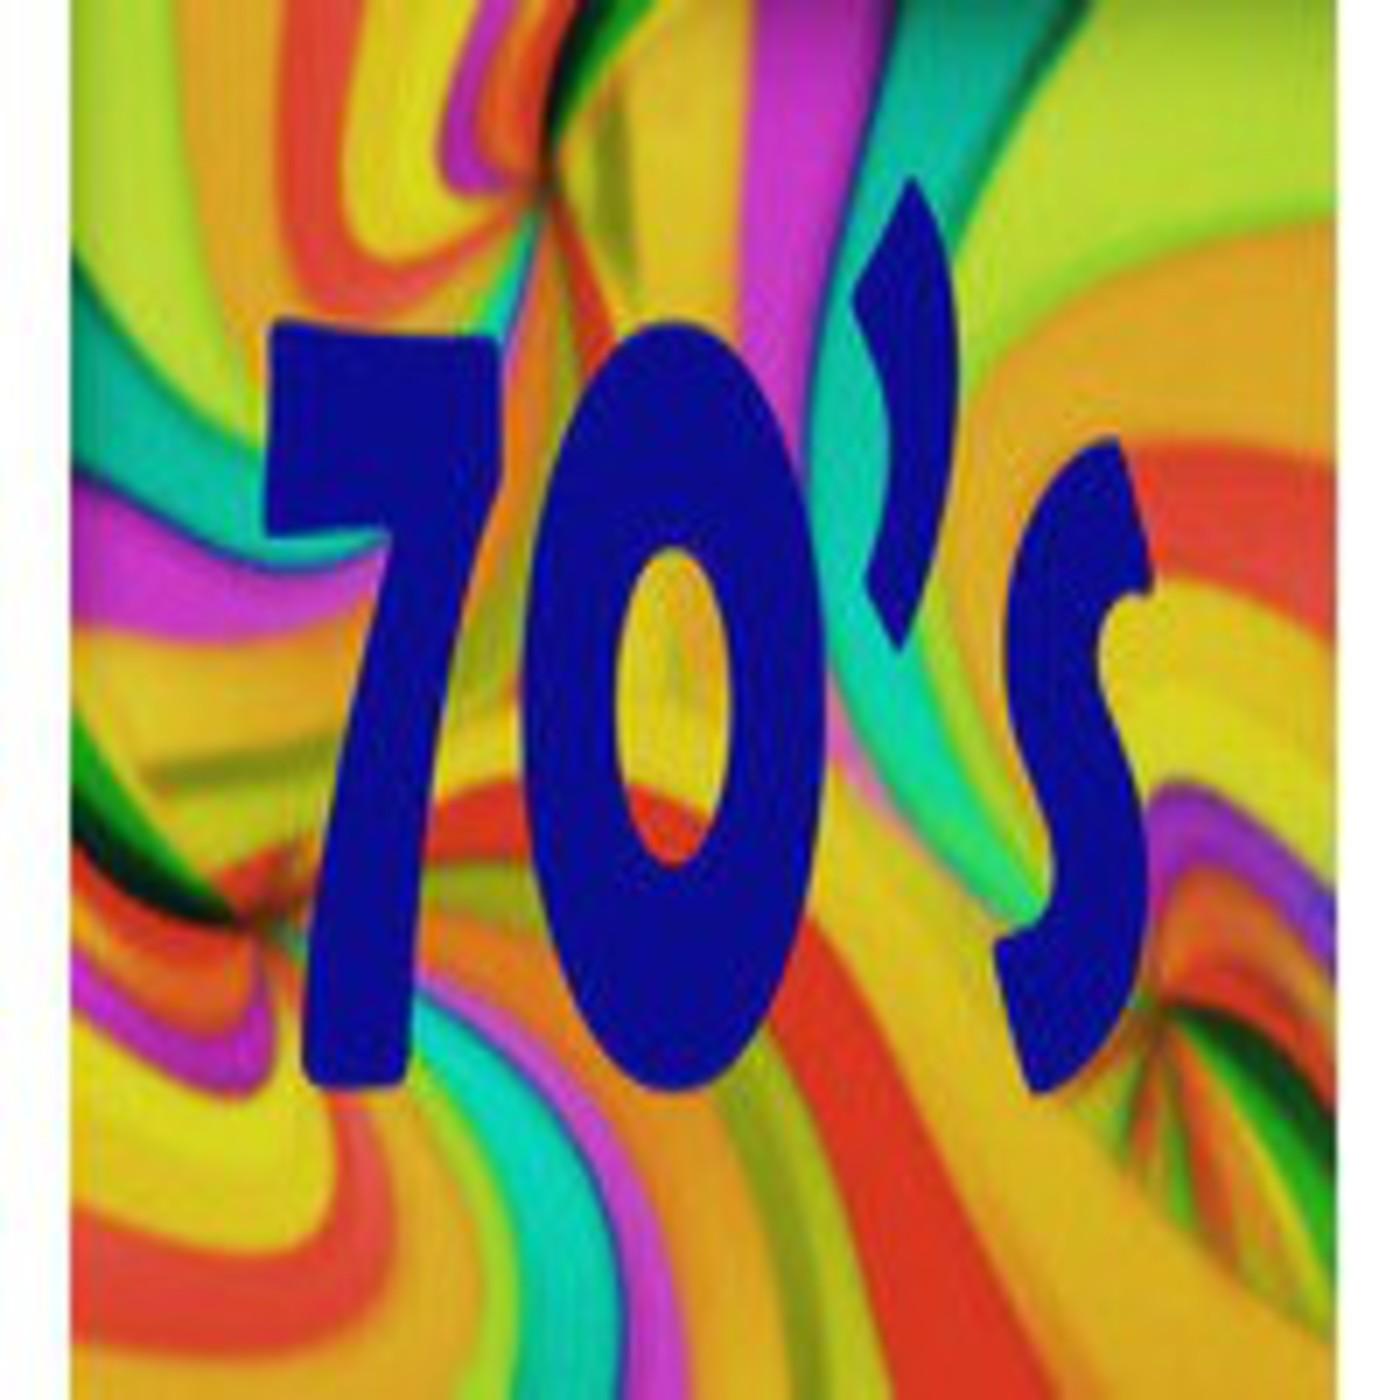 Subterranea 3xB02 Viaje por la historia del Art Rock - Años 70 (Parte 1)